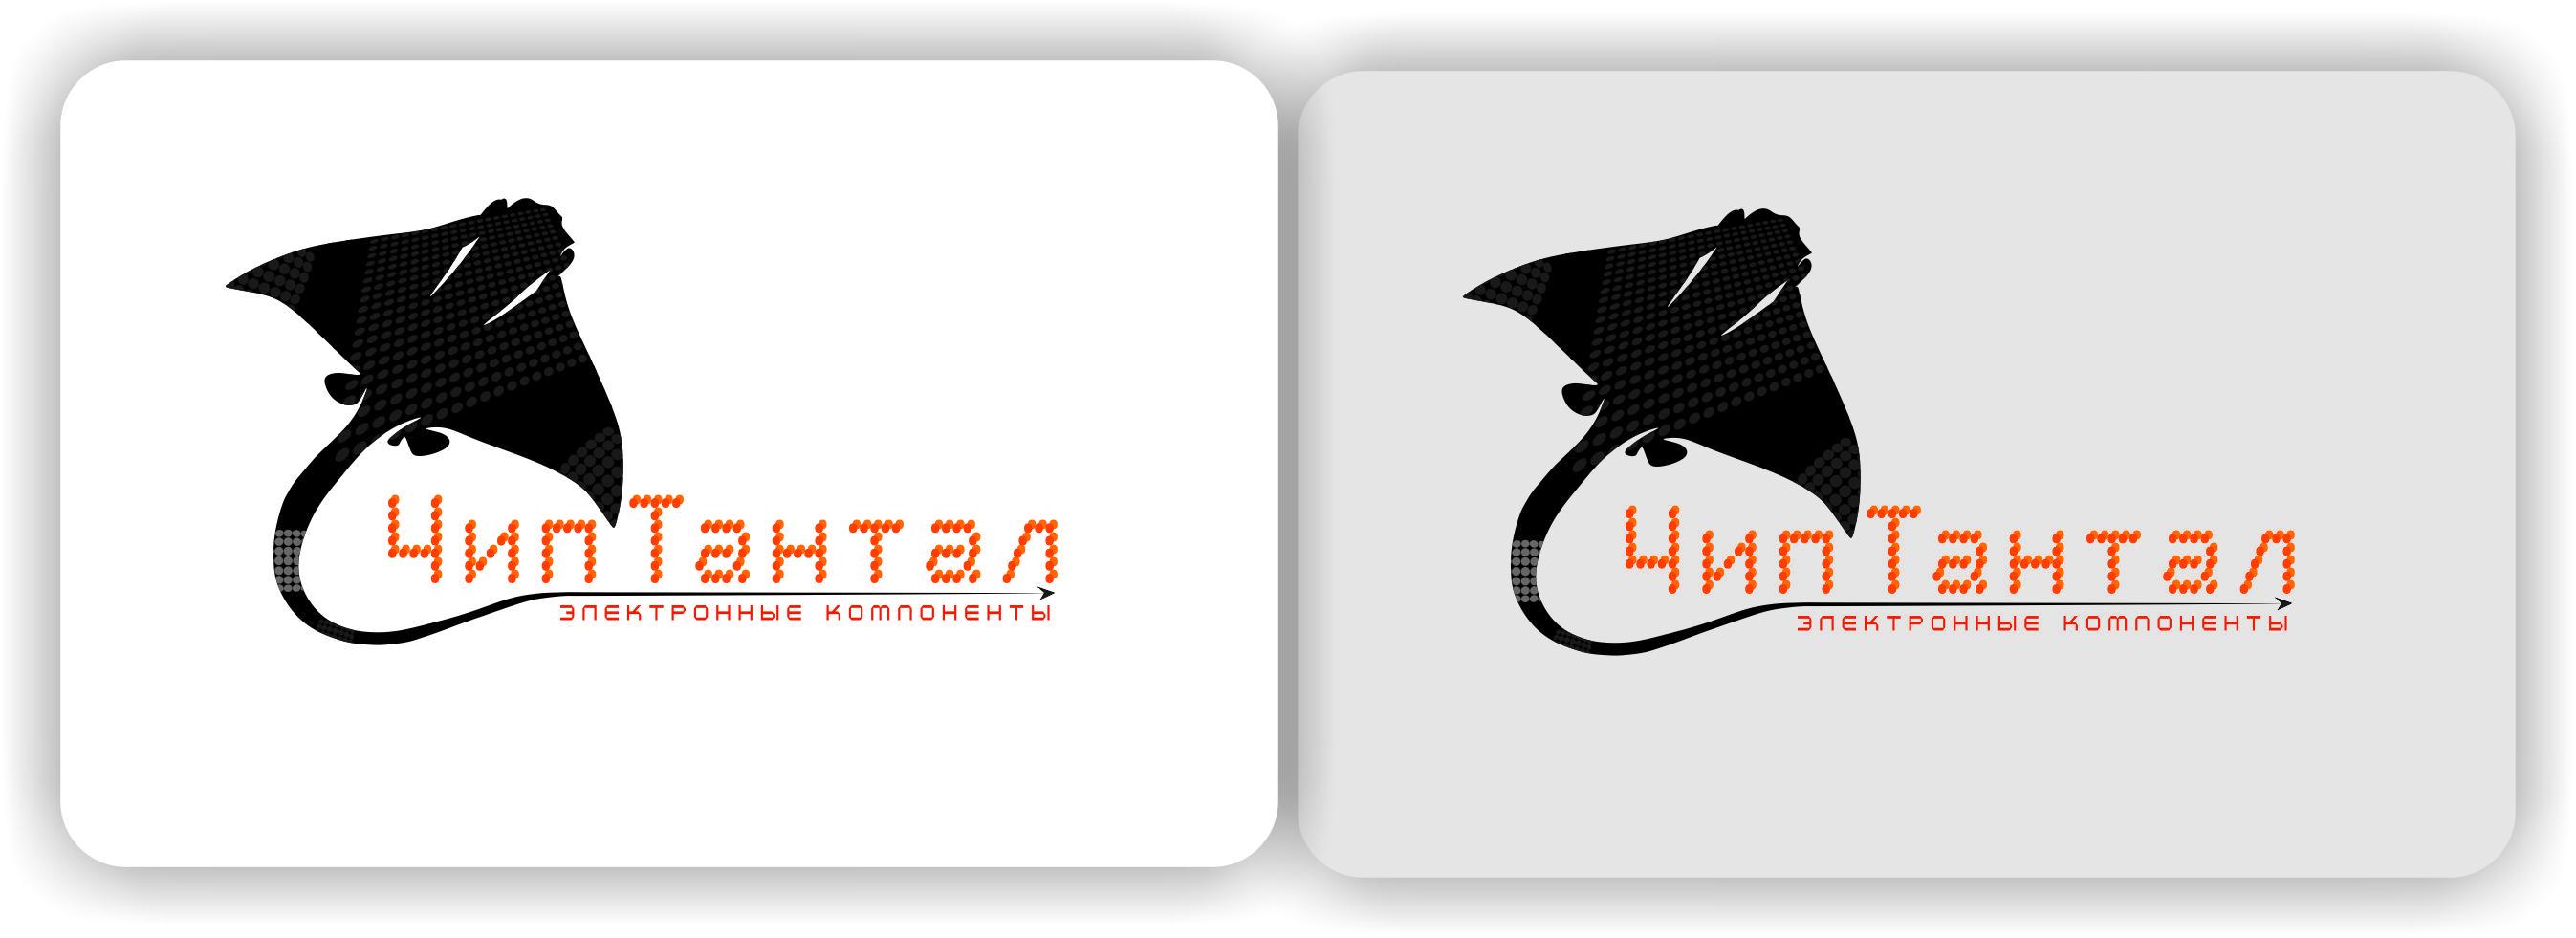 Логотип + Дизайн настольного календаря фото f_3915a2a8c025f2d5.jpg